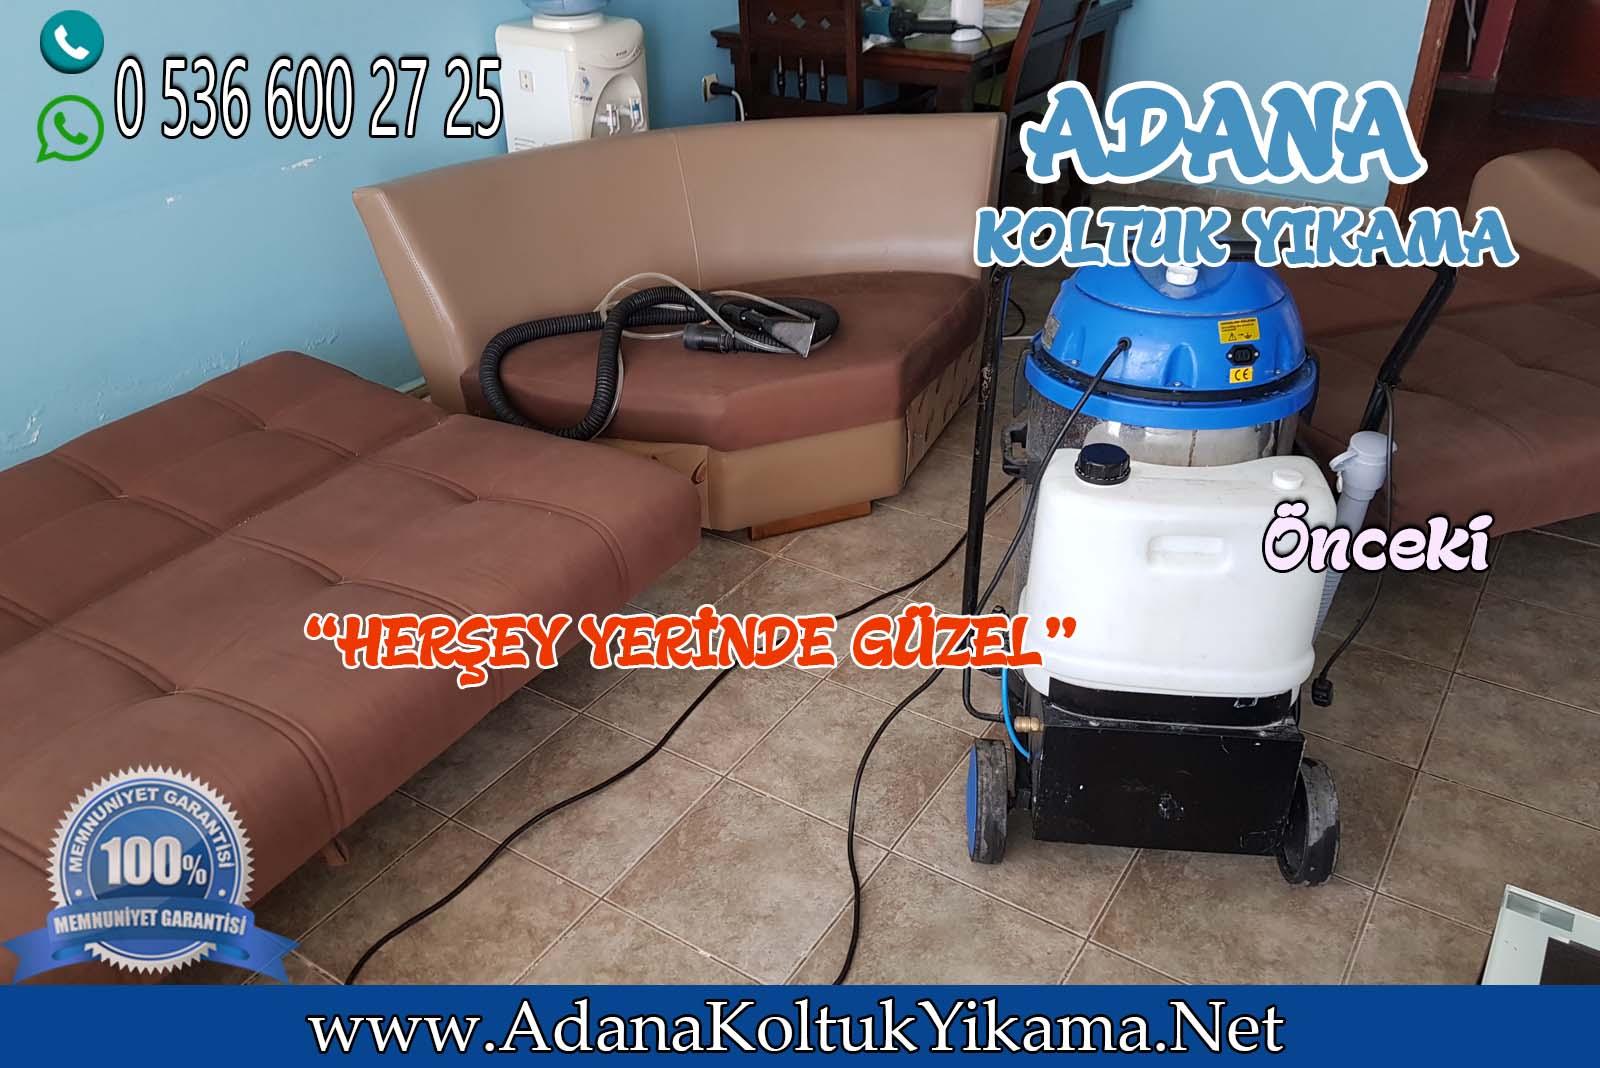 Adana Koltuk Yıkama ( Süleyman Demirel Bulvarı ) L Koltuk Yıkama